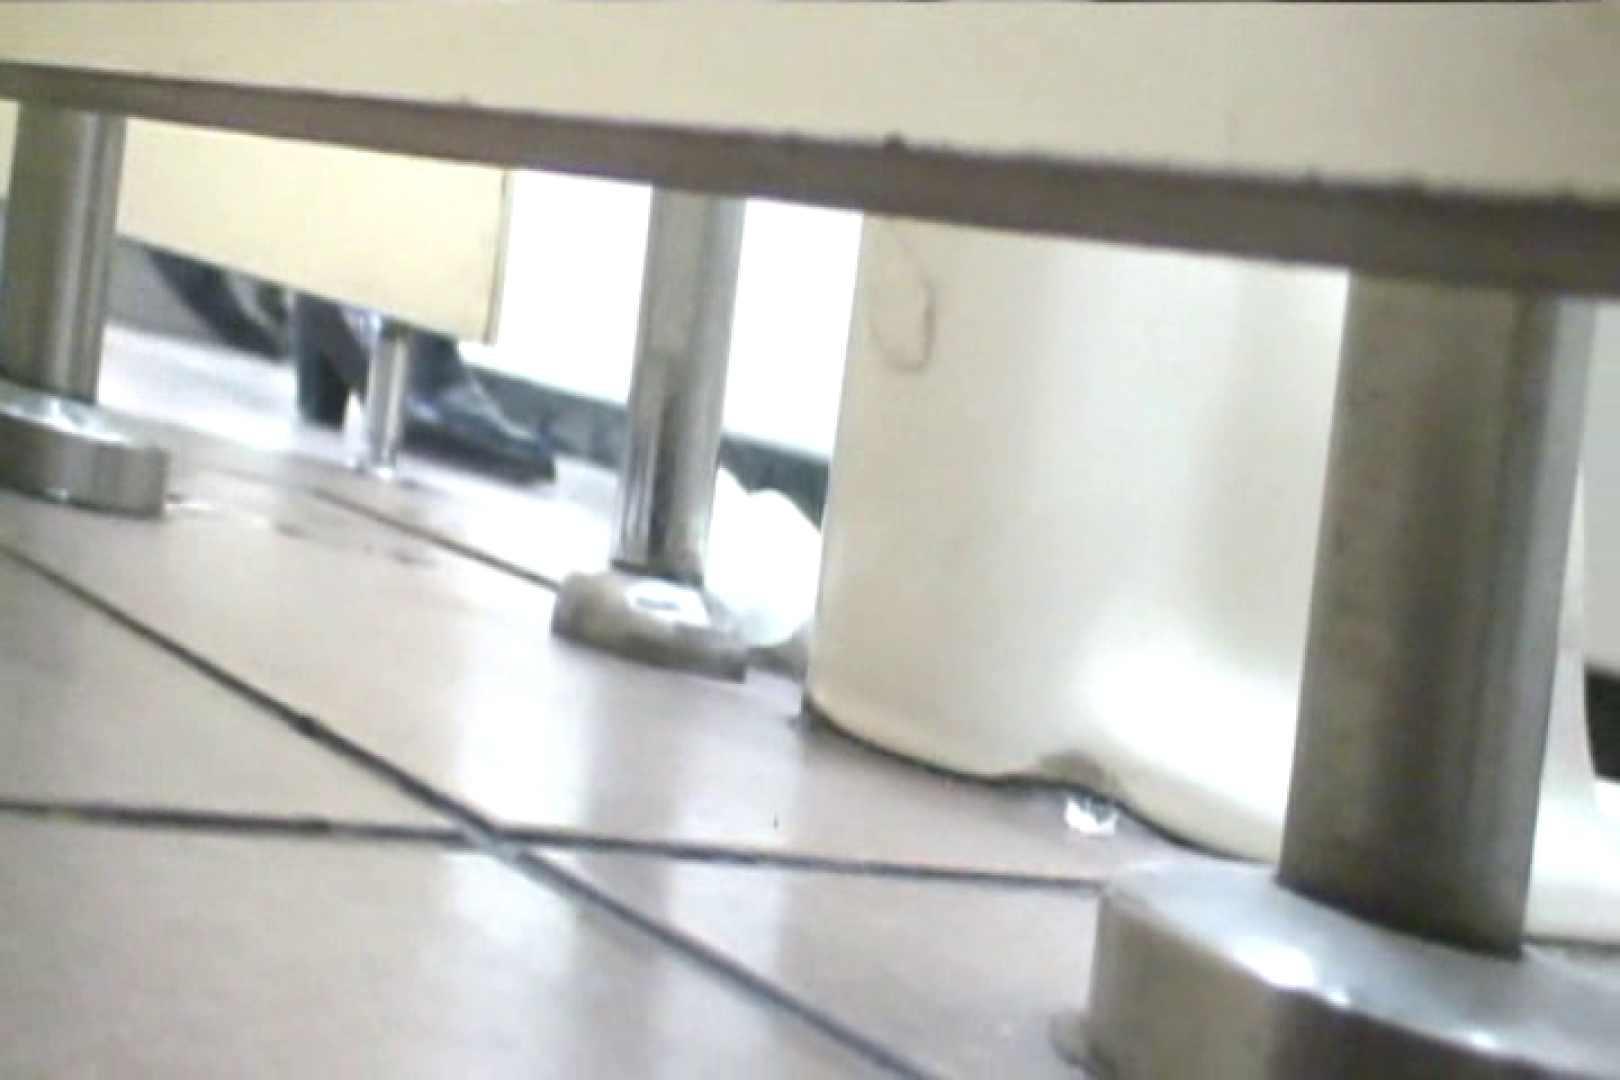 マンコ丸見え女子洗面所Vol.24 OLの実態 隠し撮りすけべAV動画紹介 26pic 17